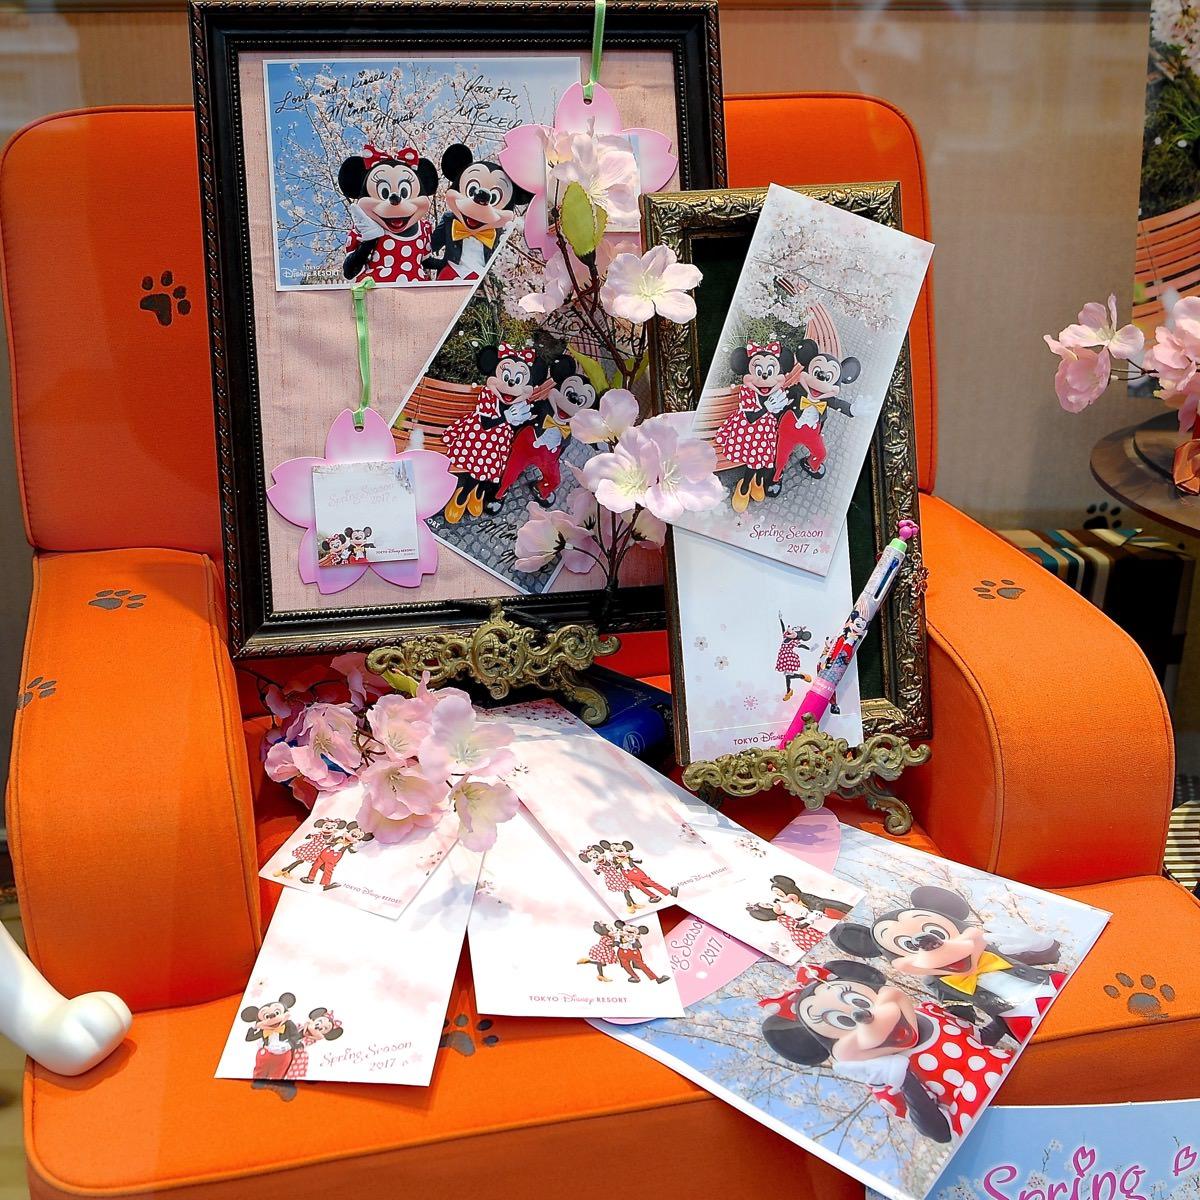 桜を背景にしたミッキー&ミニー実写デザイン!東京ディズニーランド